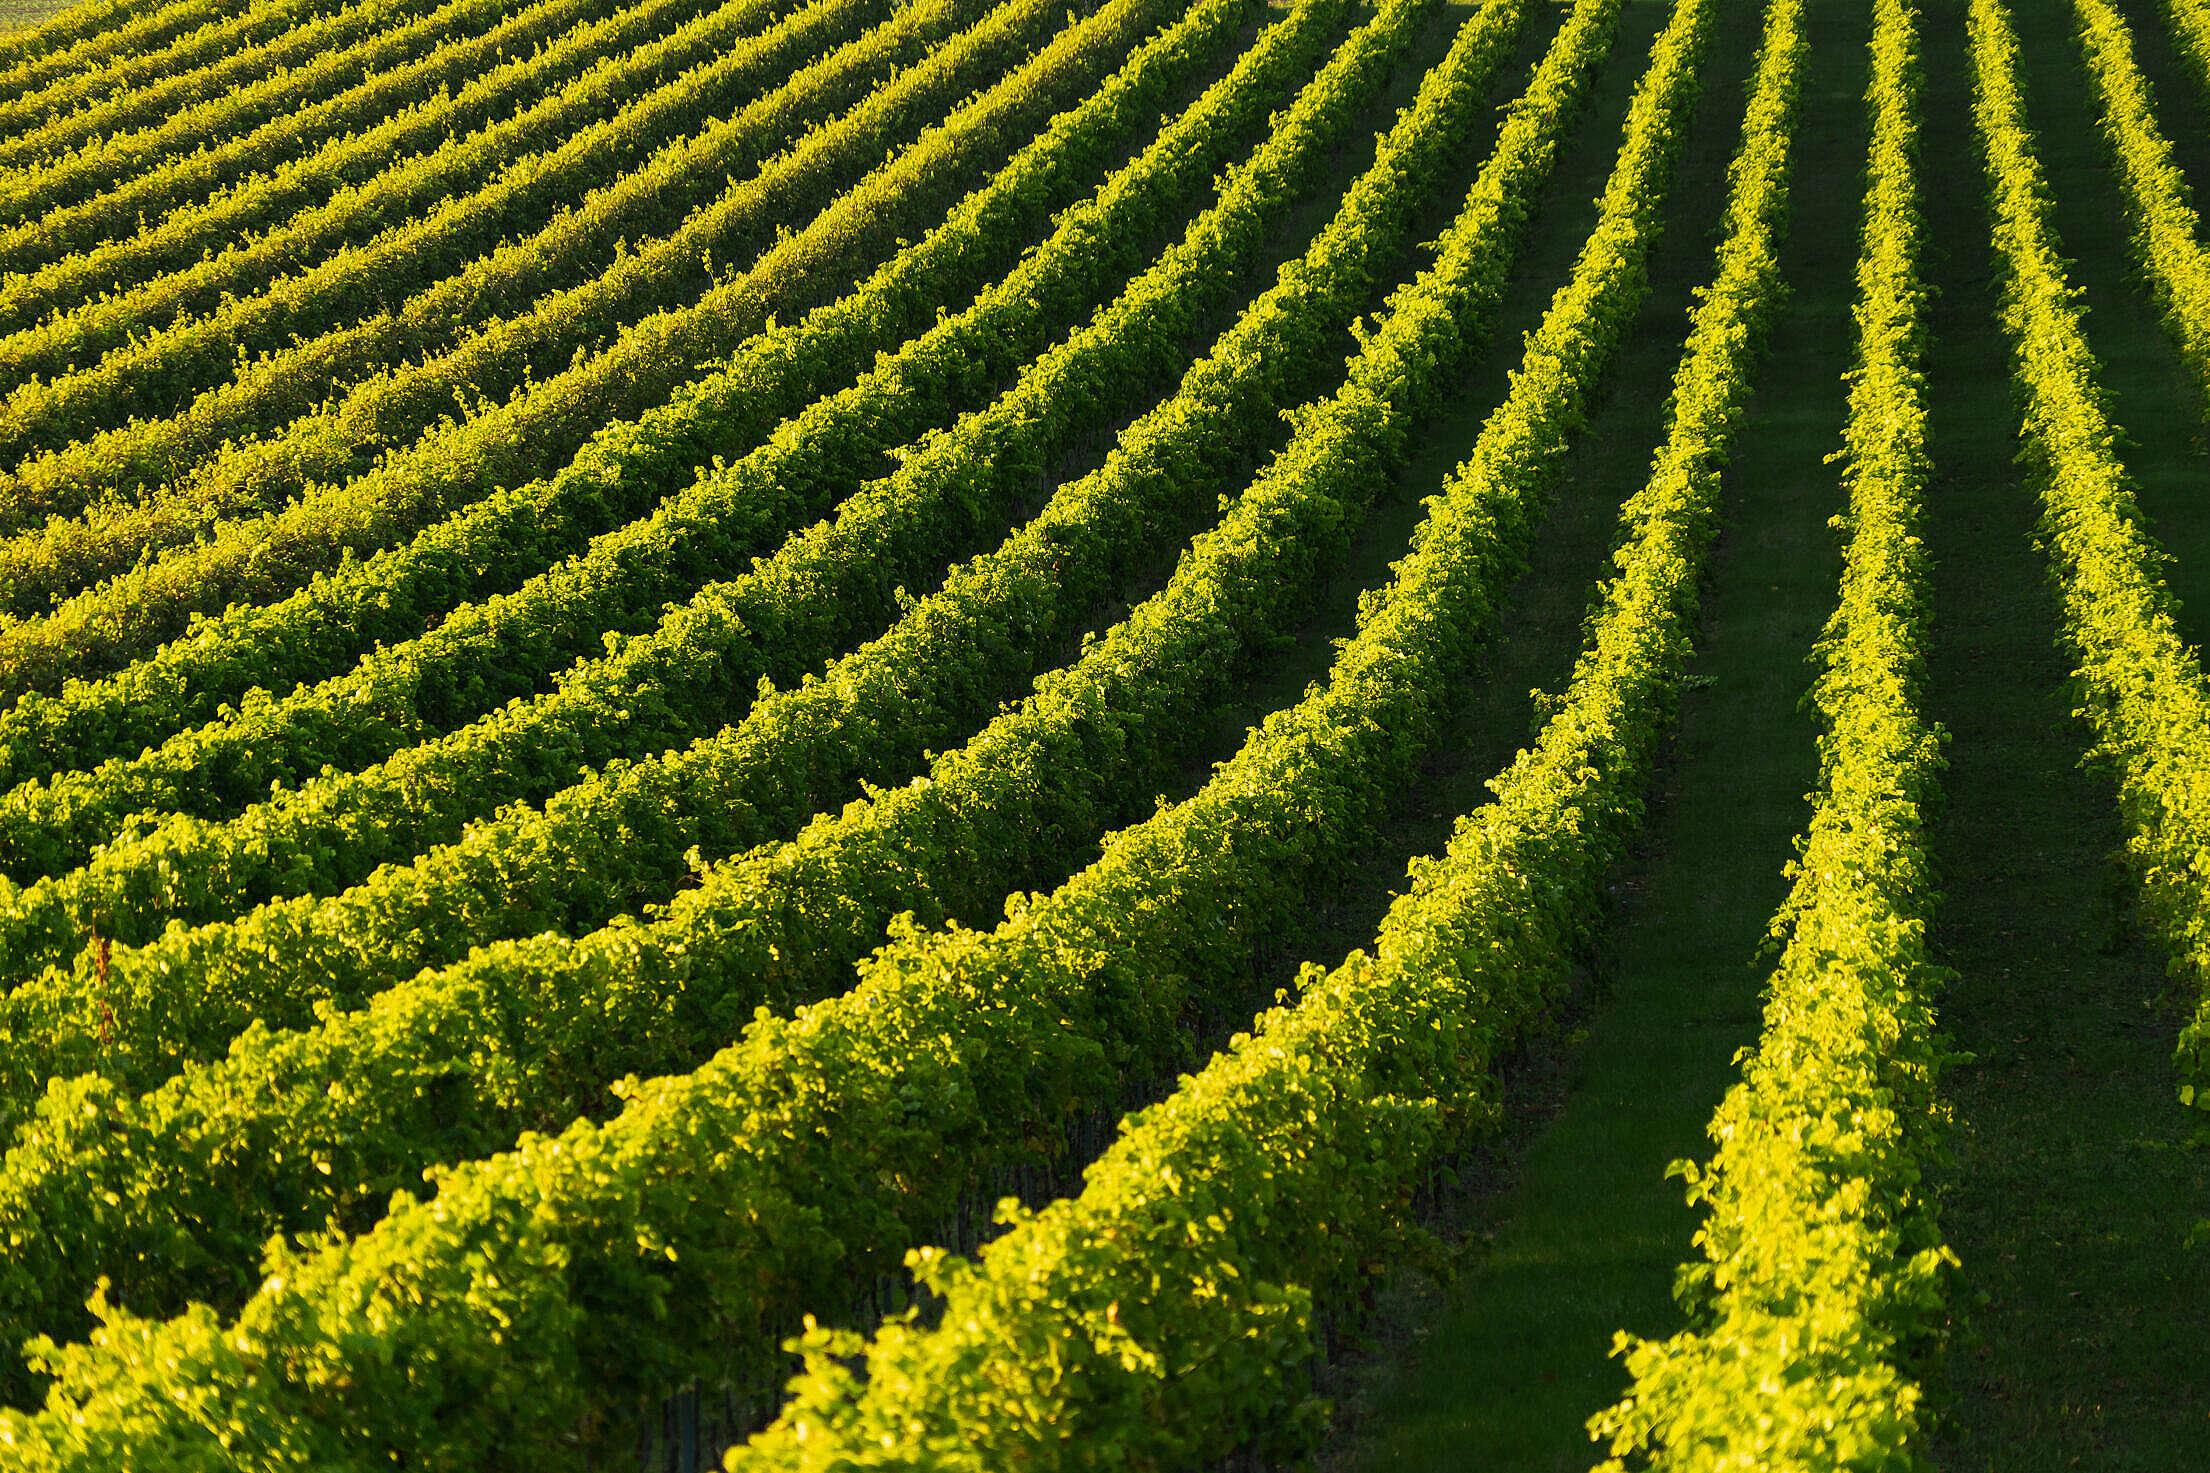 Vineyard Lanes Free Stock Photo